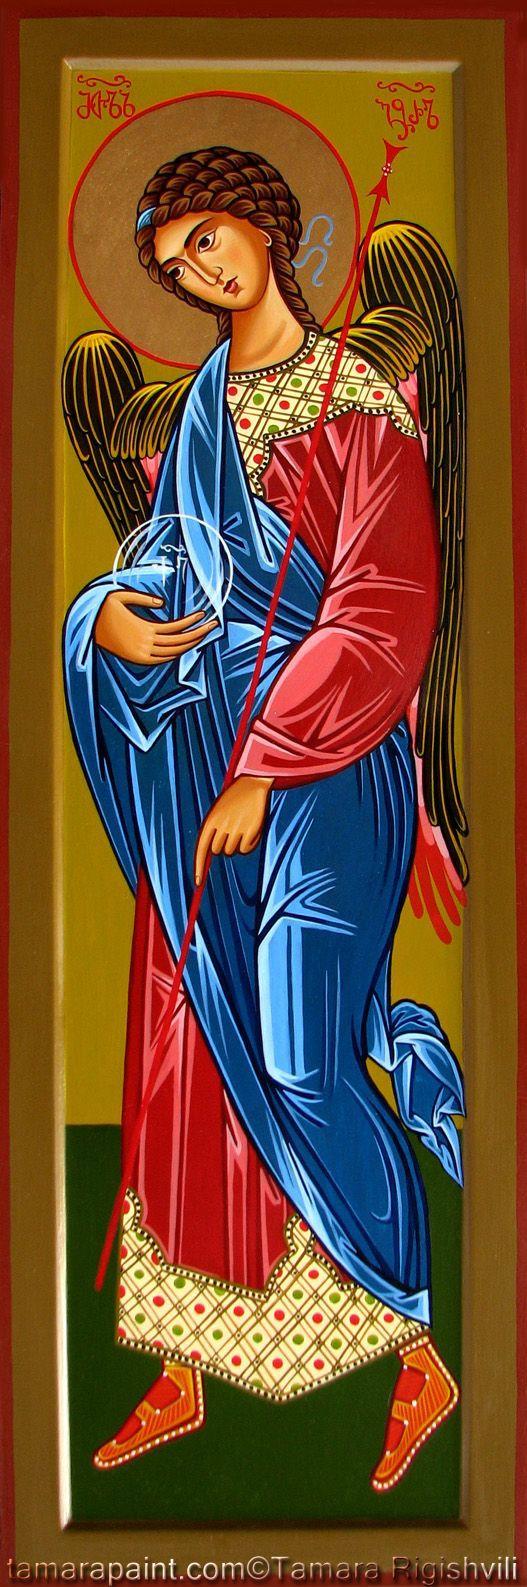 Archangel Gabriel by Tamara Rigishvili #icône